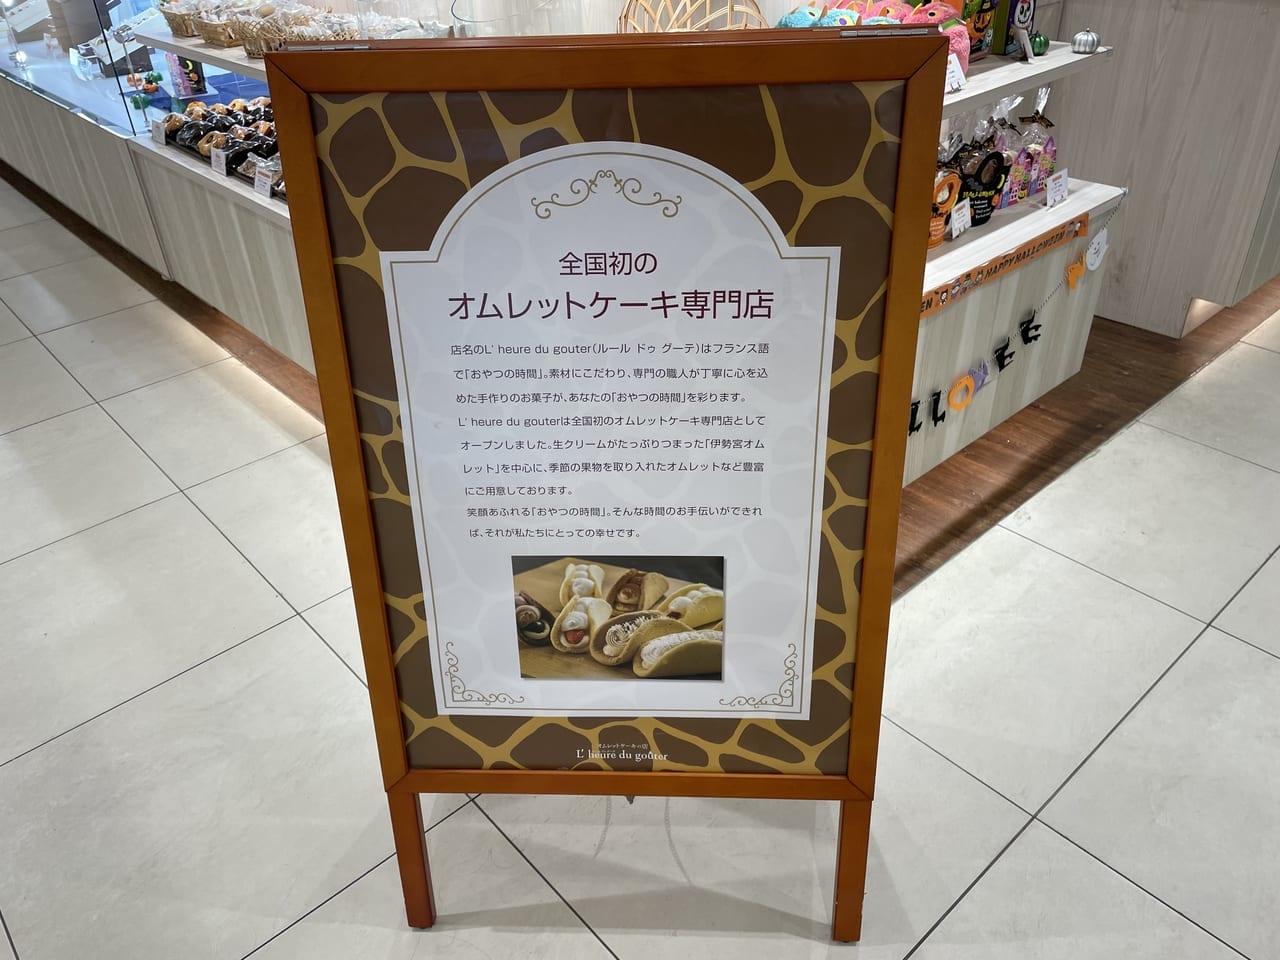 ルールドゥグーテ横浜綱島店